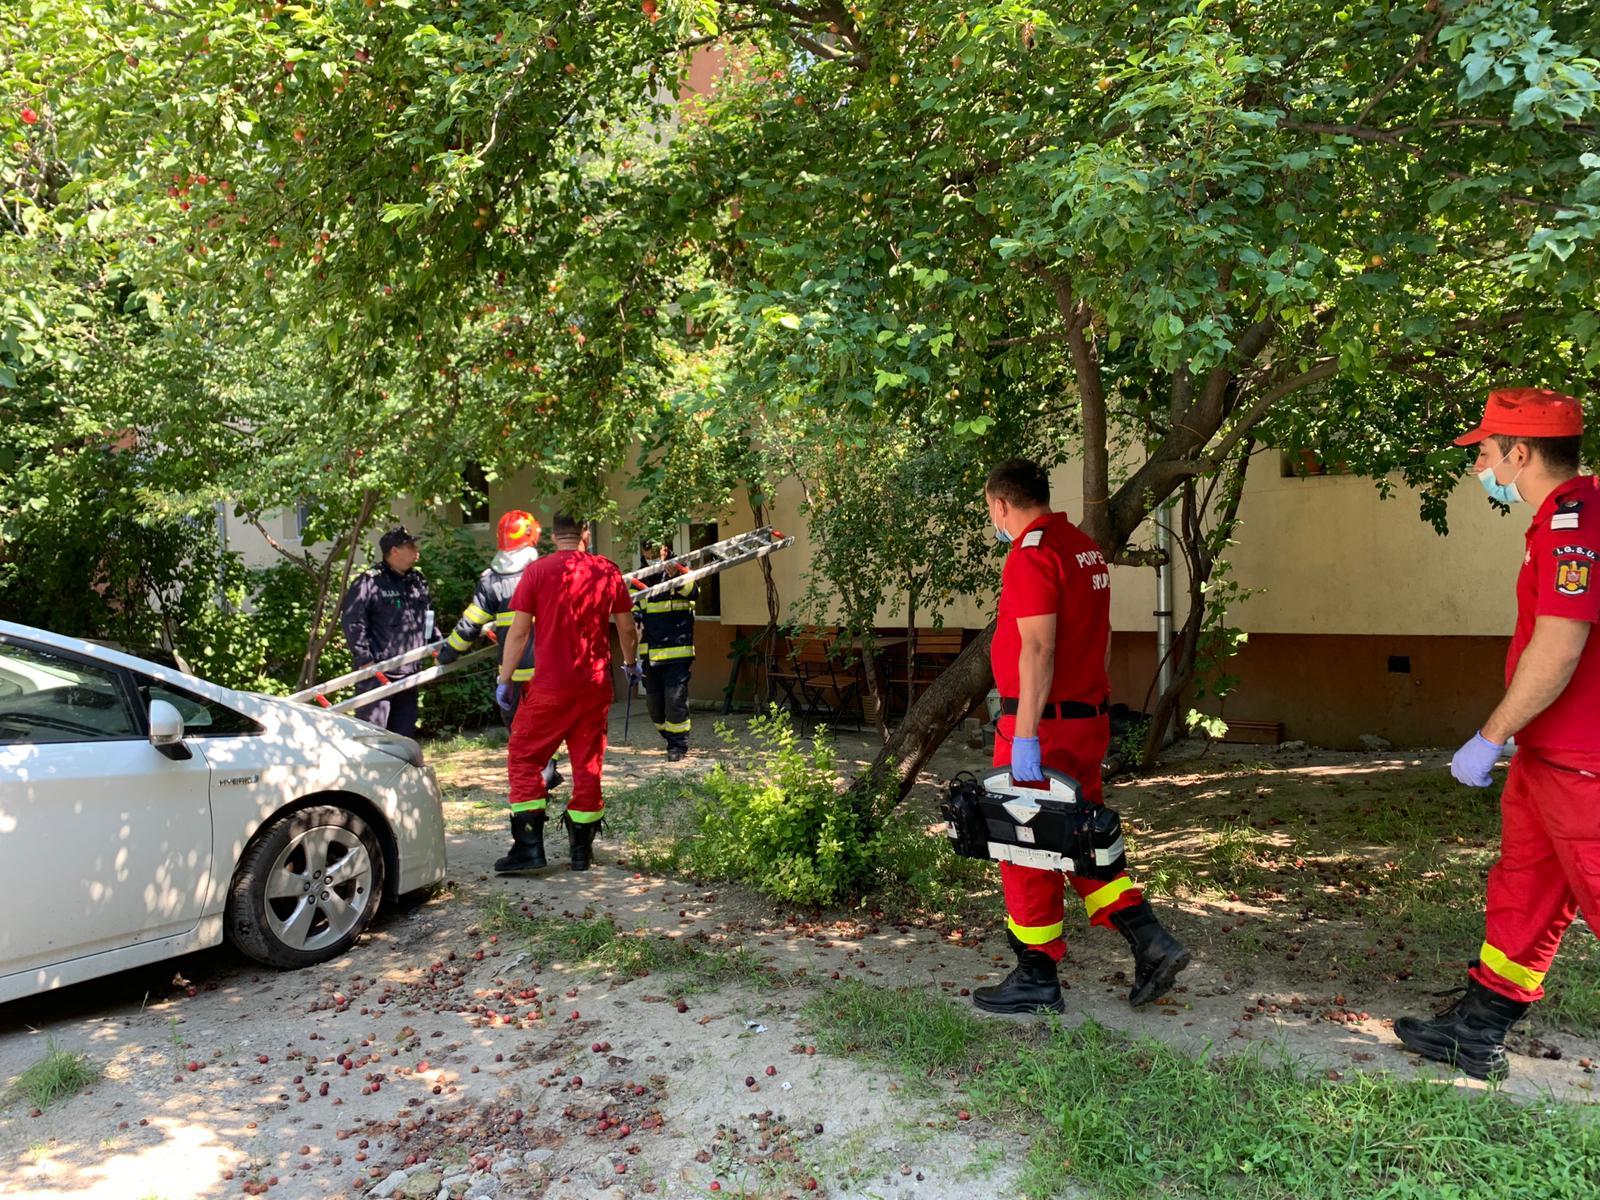 Intervenție a pompierilor după ce o femeie s-a închis din greșeala în baie, la Timișoara